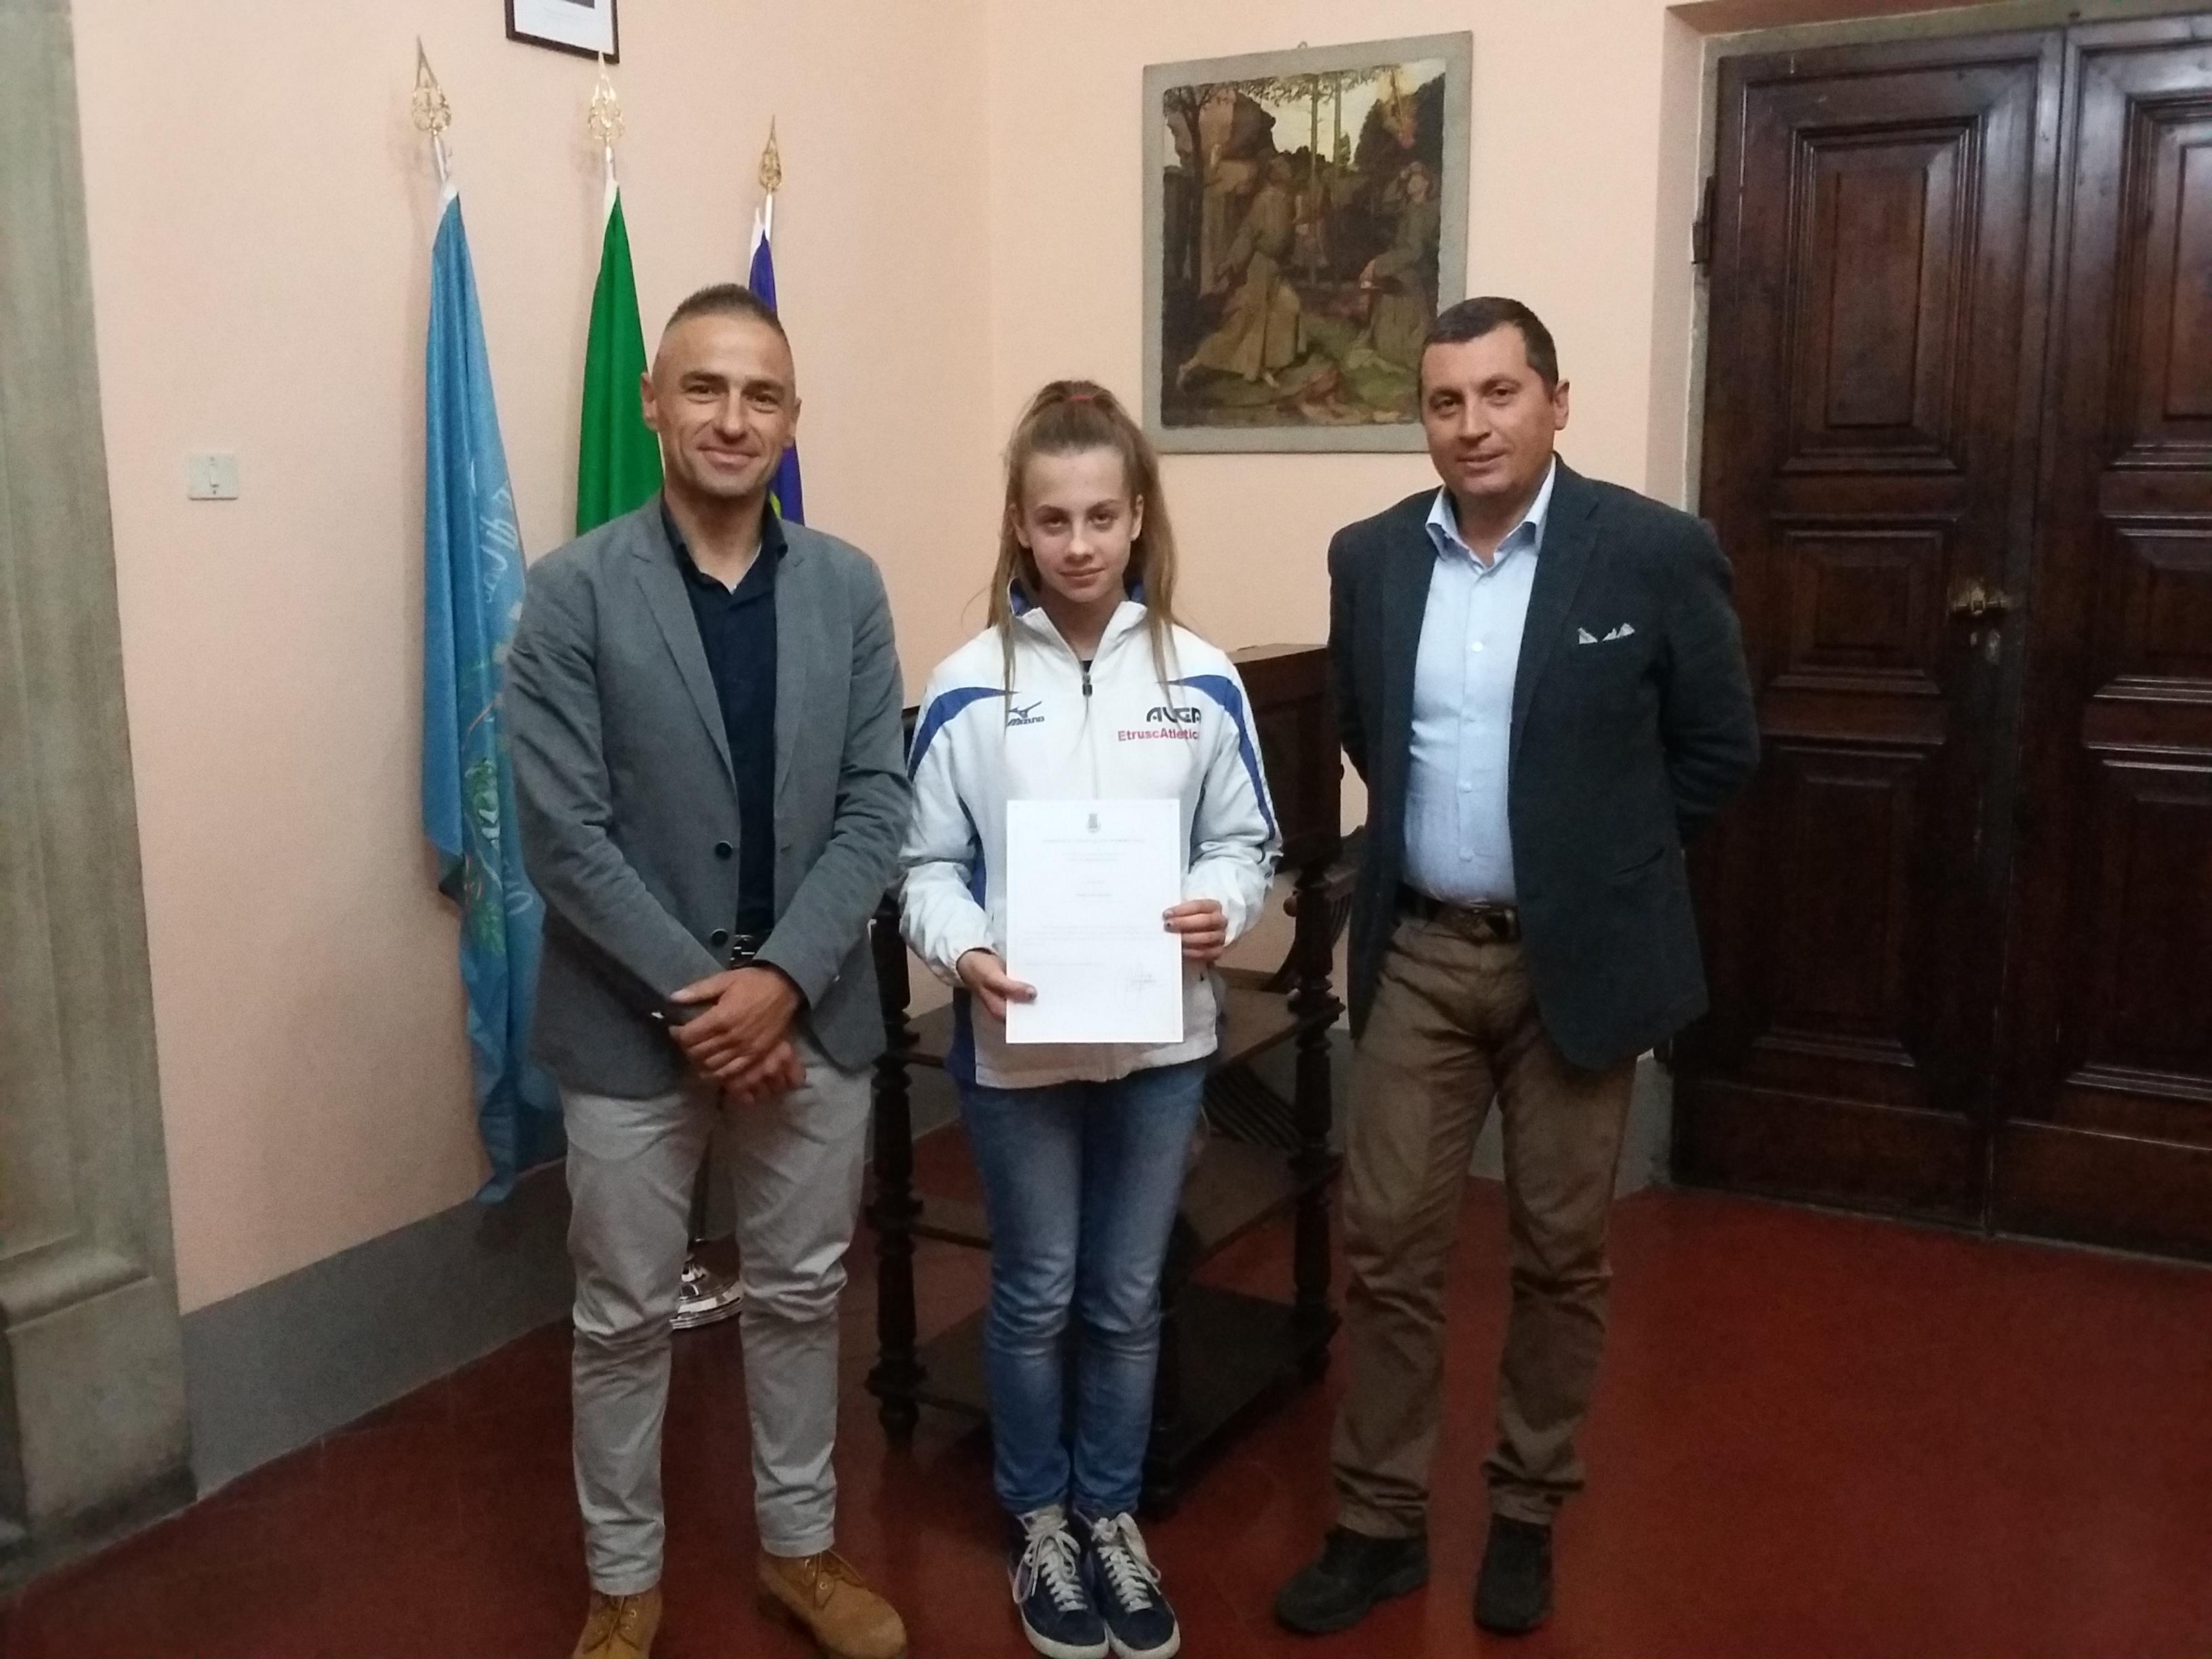 Riconoscimento a Giulia Mazzini, giovane atleta castiglionese